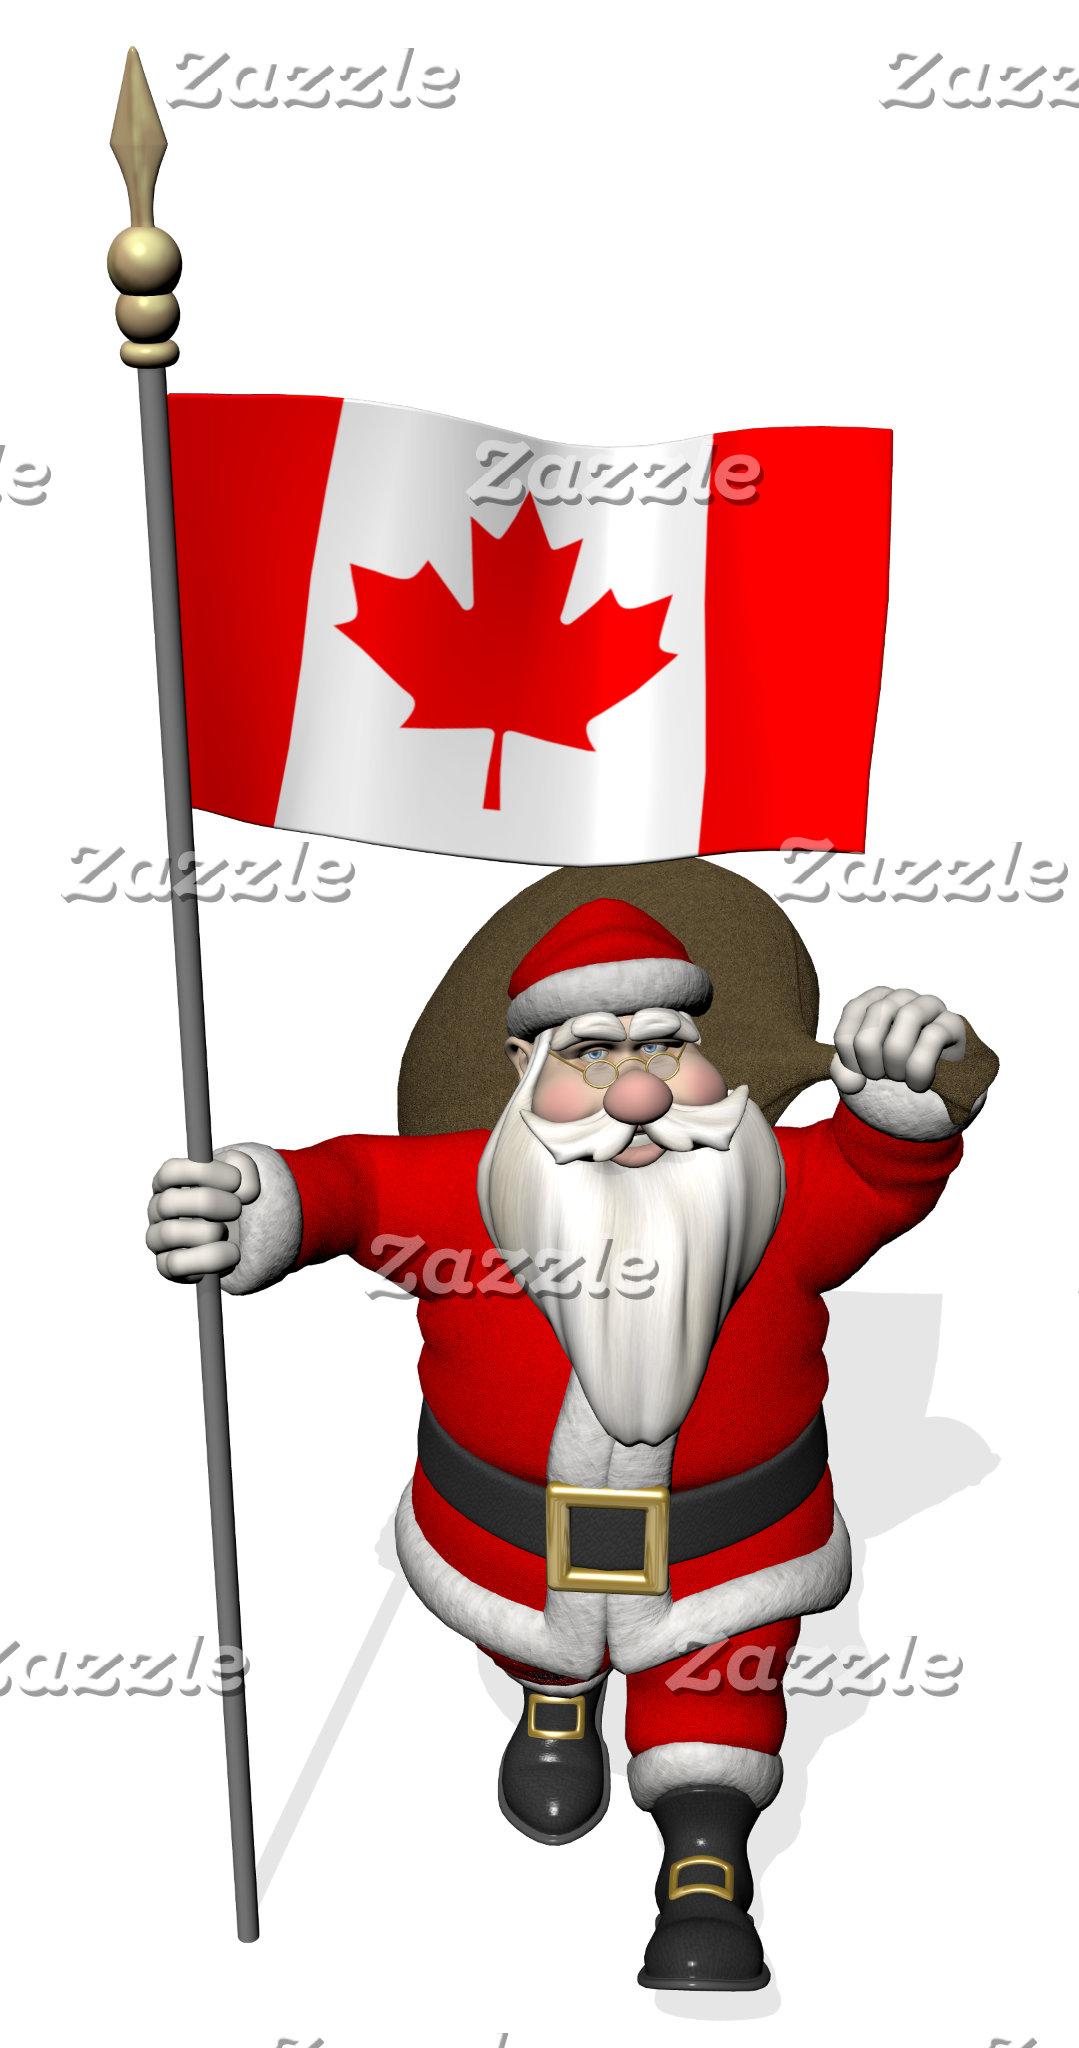 Canada - Merry Christmas! Joyeux Noël!